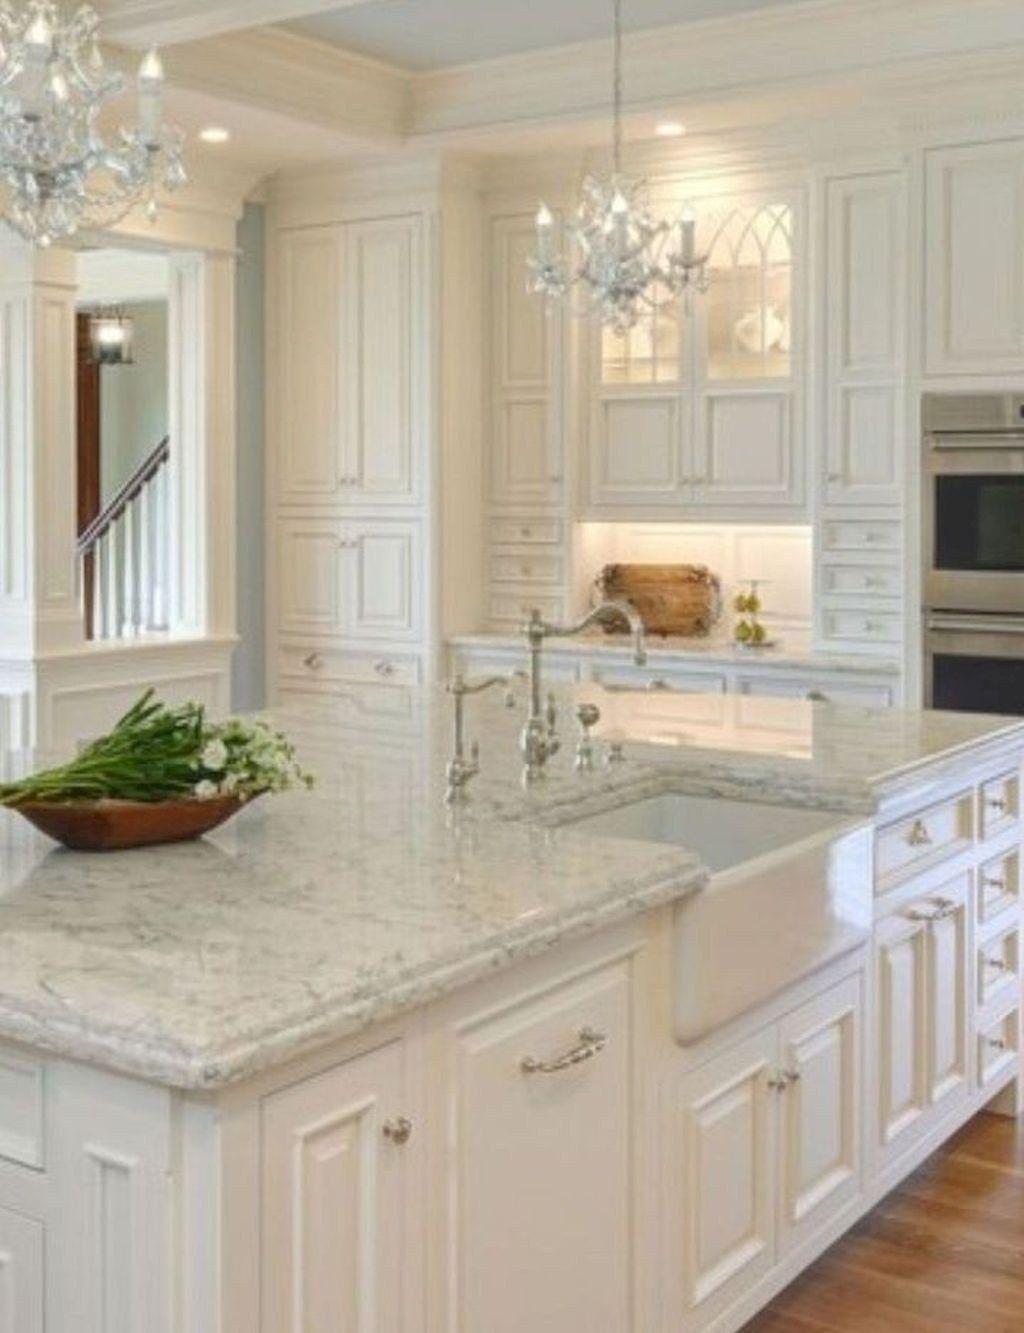 33 Elegant White Kitchen Design Ideas Antique White Kitchen White Kitchen Design Antique White Kitchen Cabinets